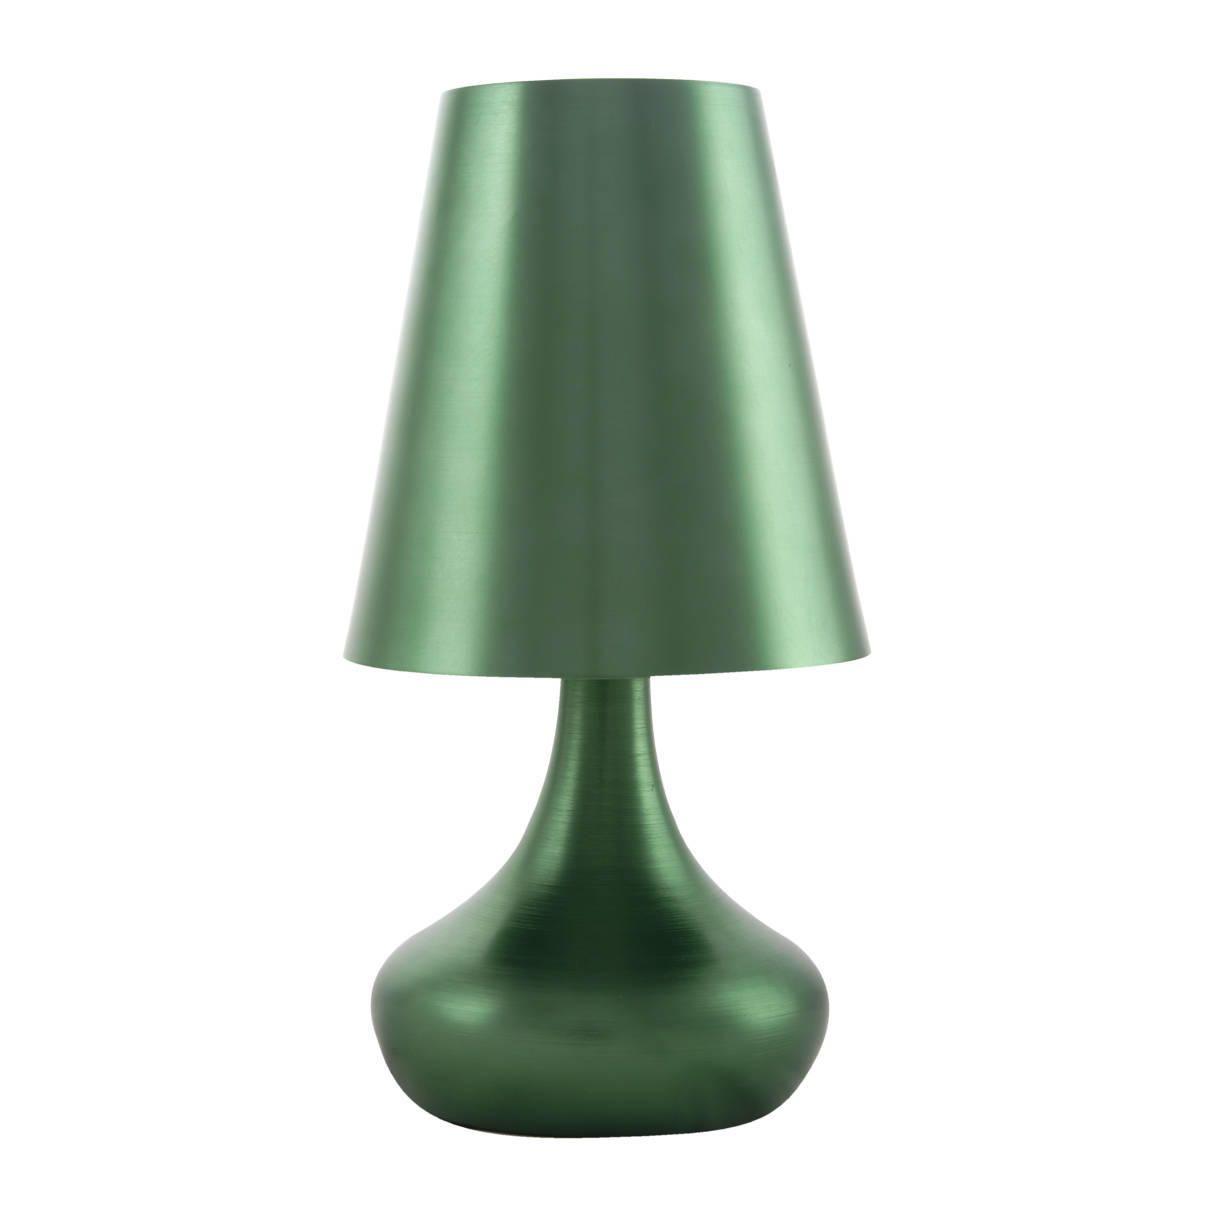 Zany Green Aluminium Table Lamp